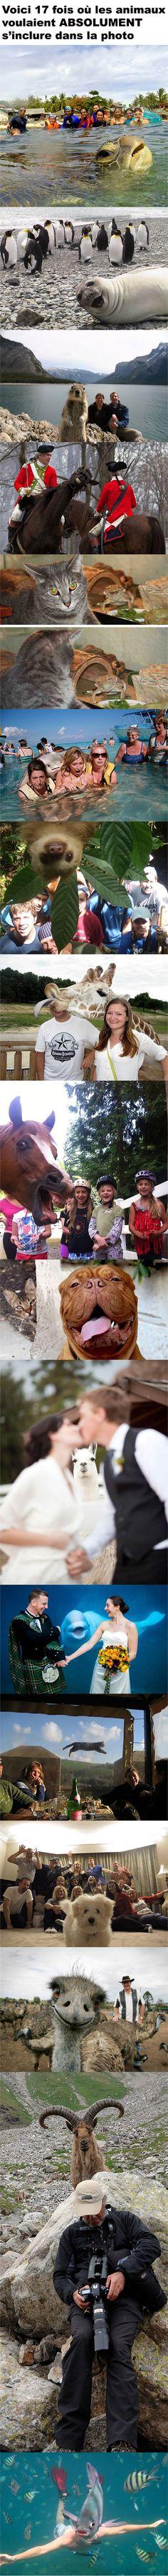 17 fois où les animaux voulaient absolument s'inclure dans la photo